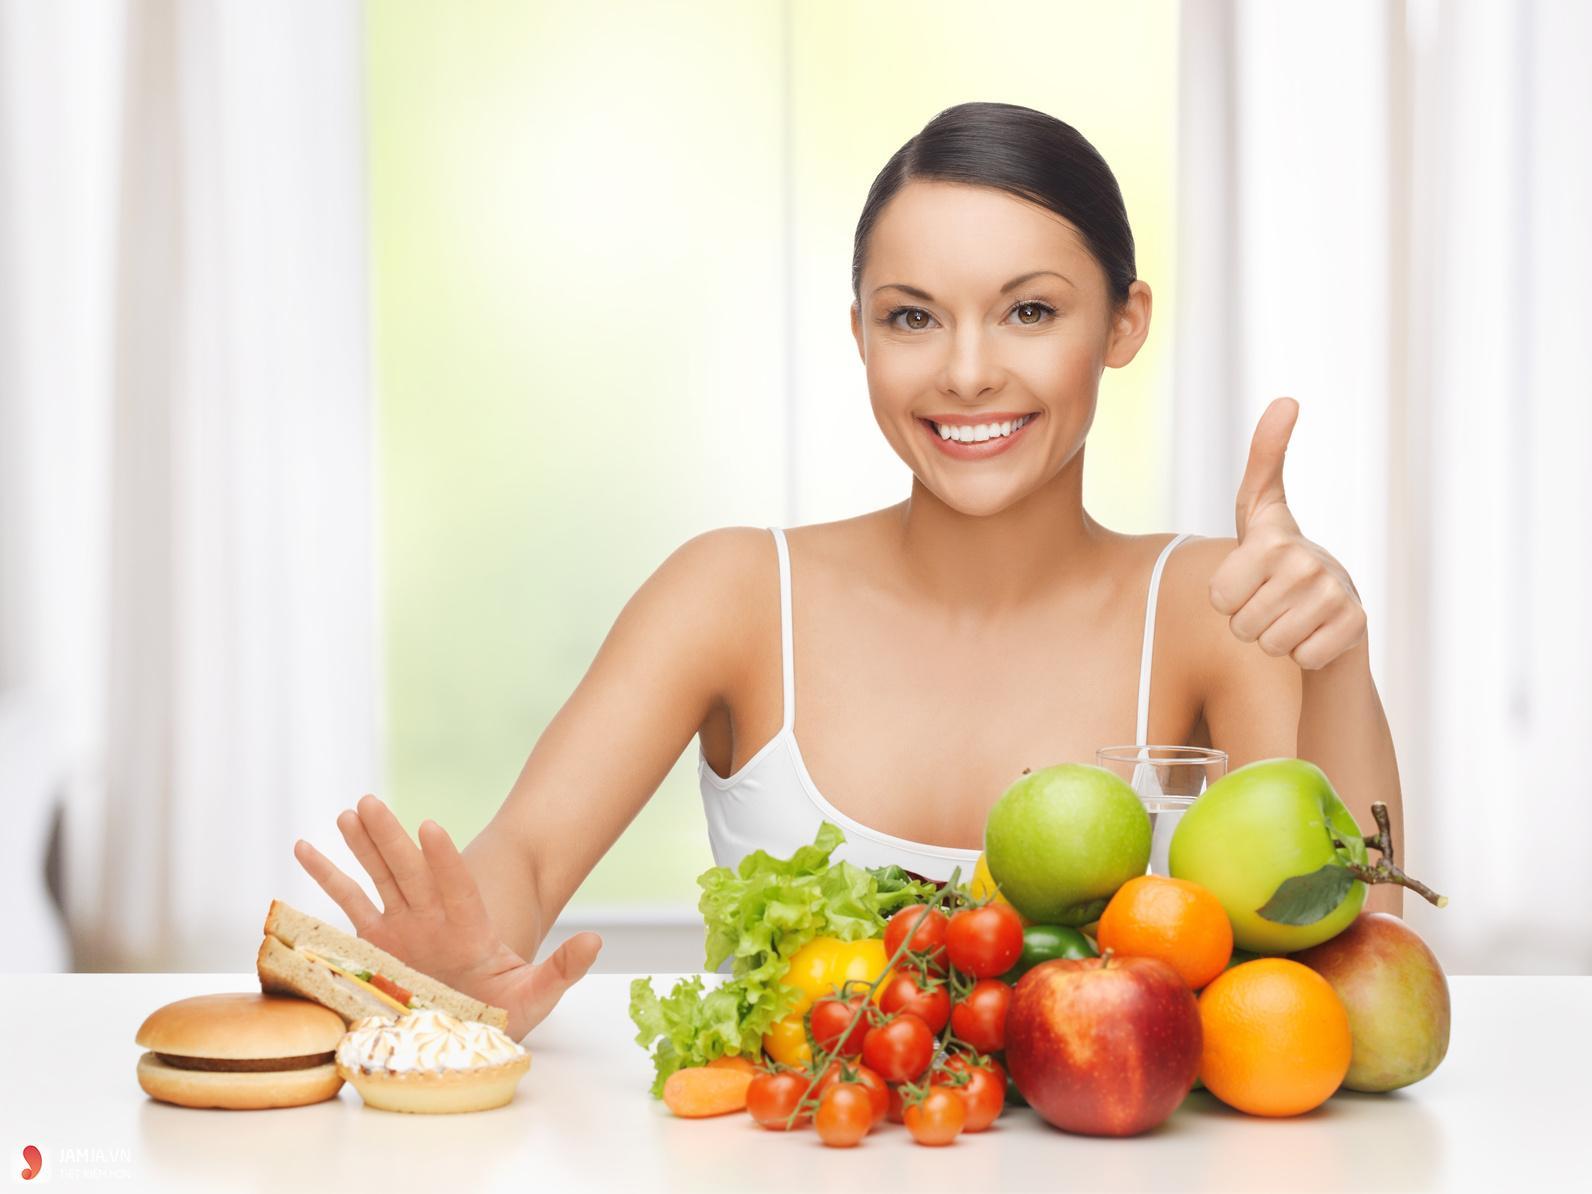 Làm sao để ăn kiêng đạt hiệu quả 1